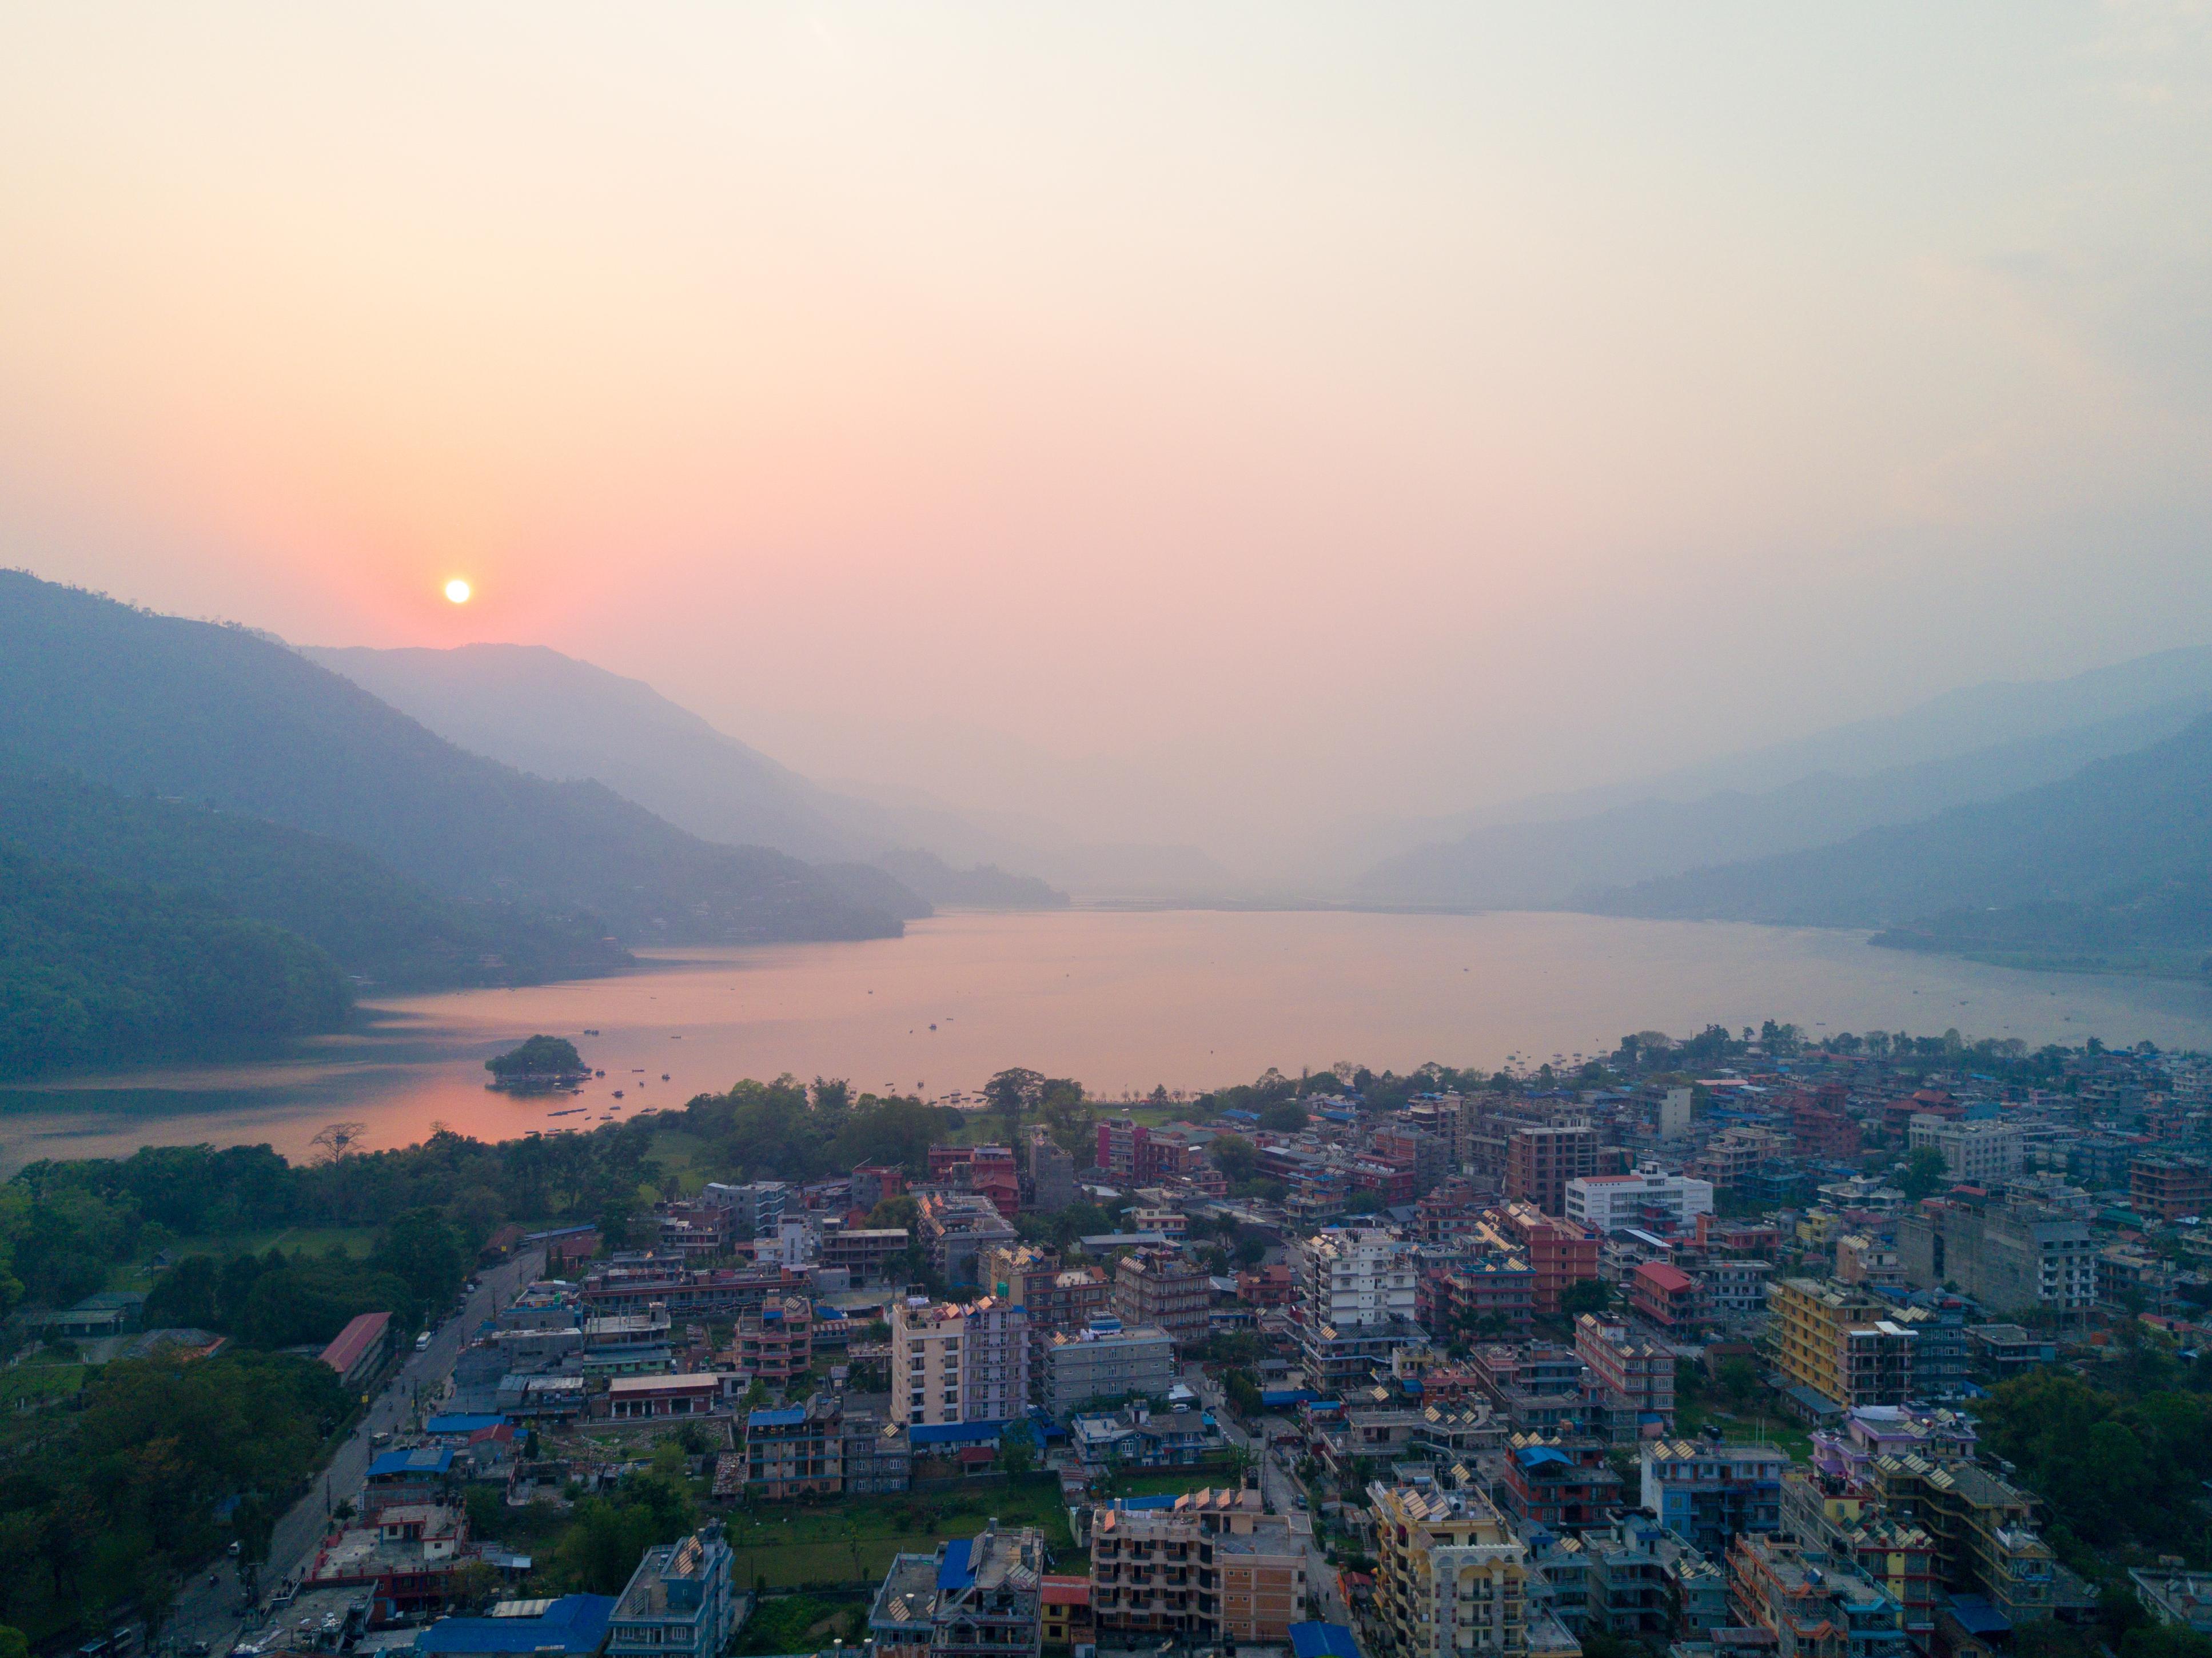 Disfruta del patrimonio cultural y natural de Pokhara - Nepal Gran Viaje Nepal clásico